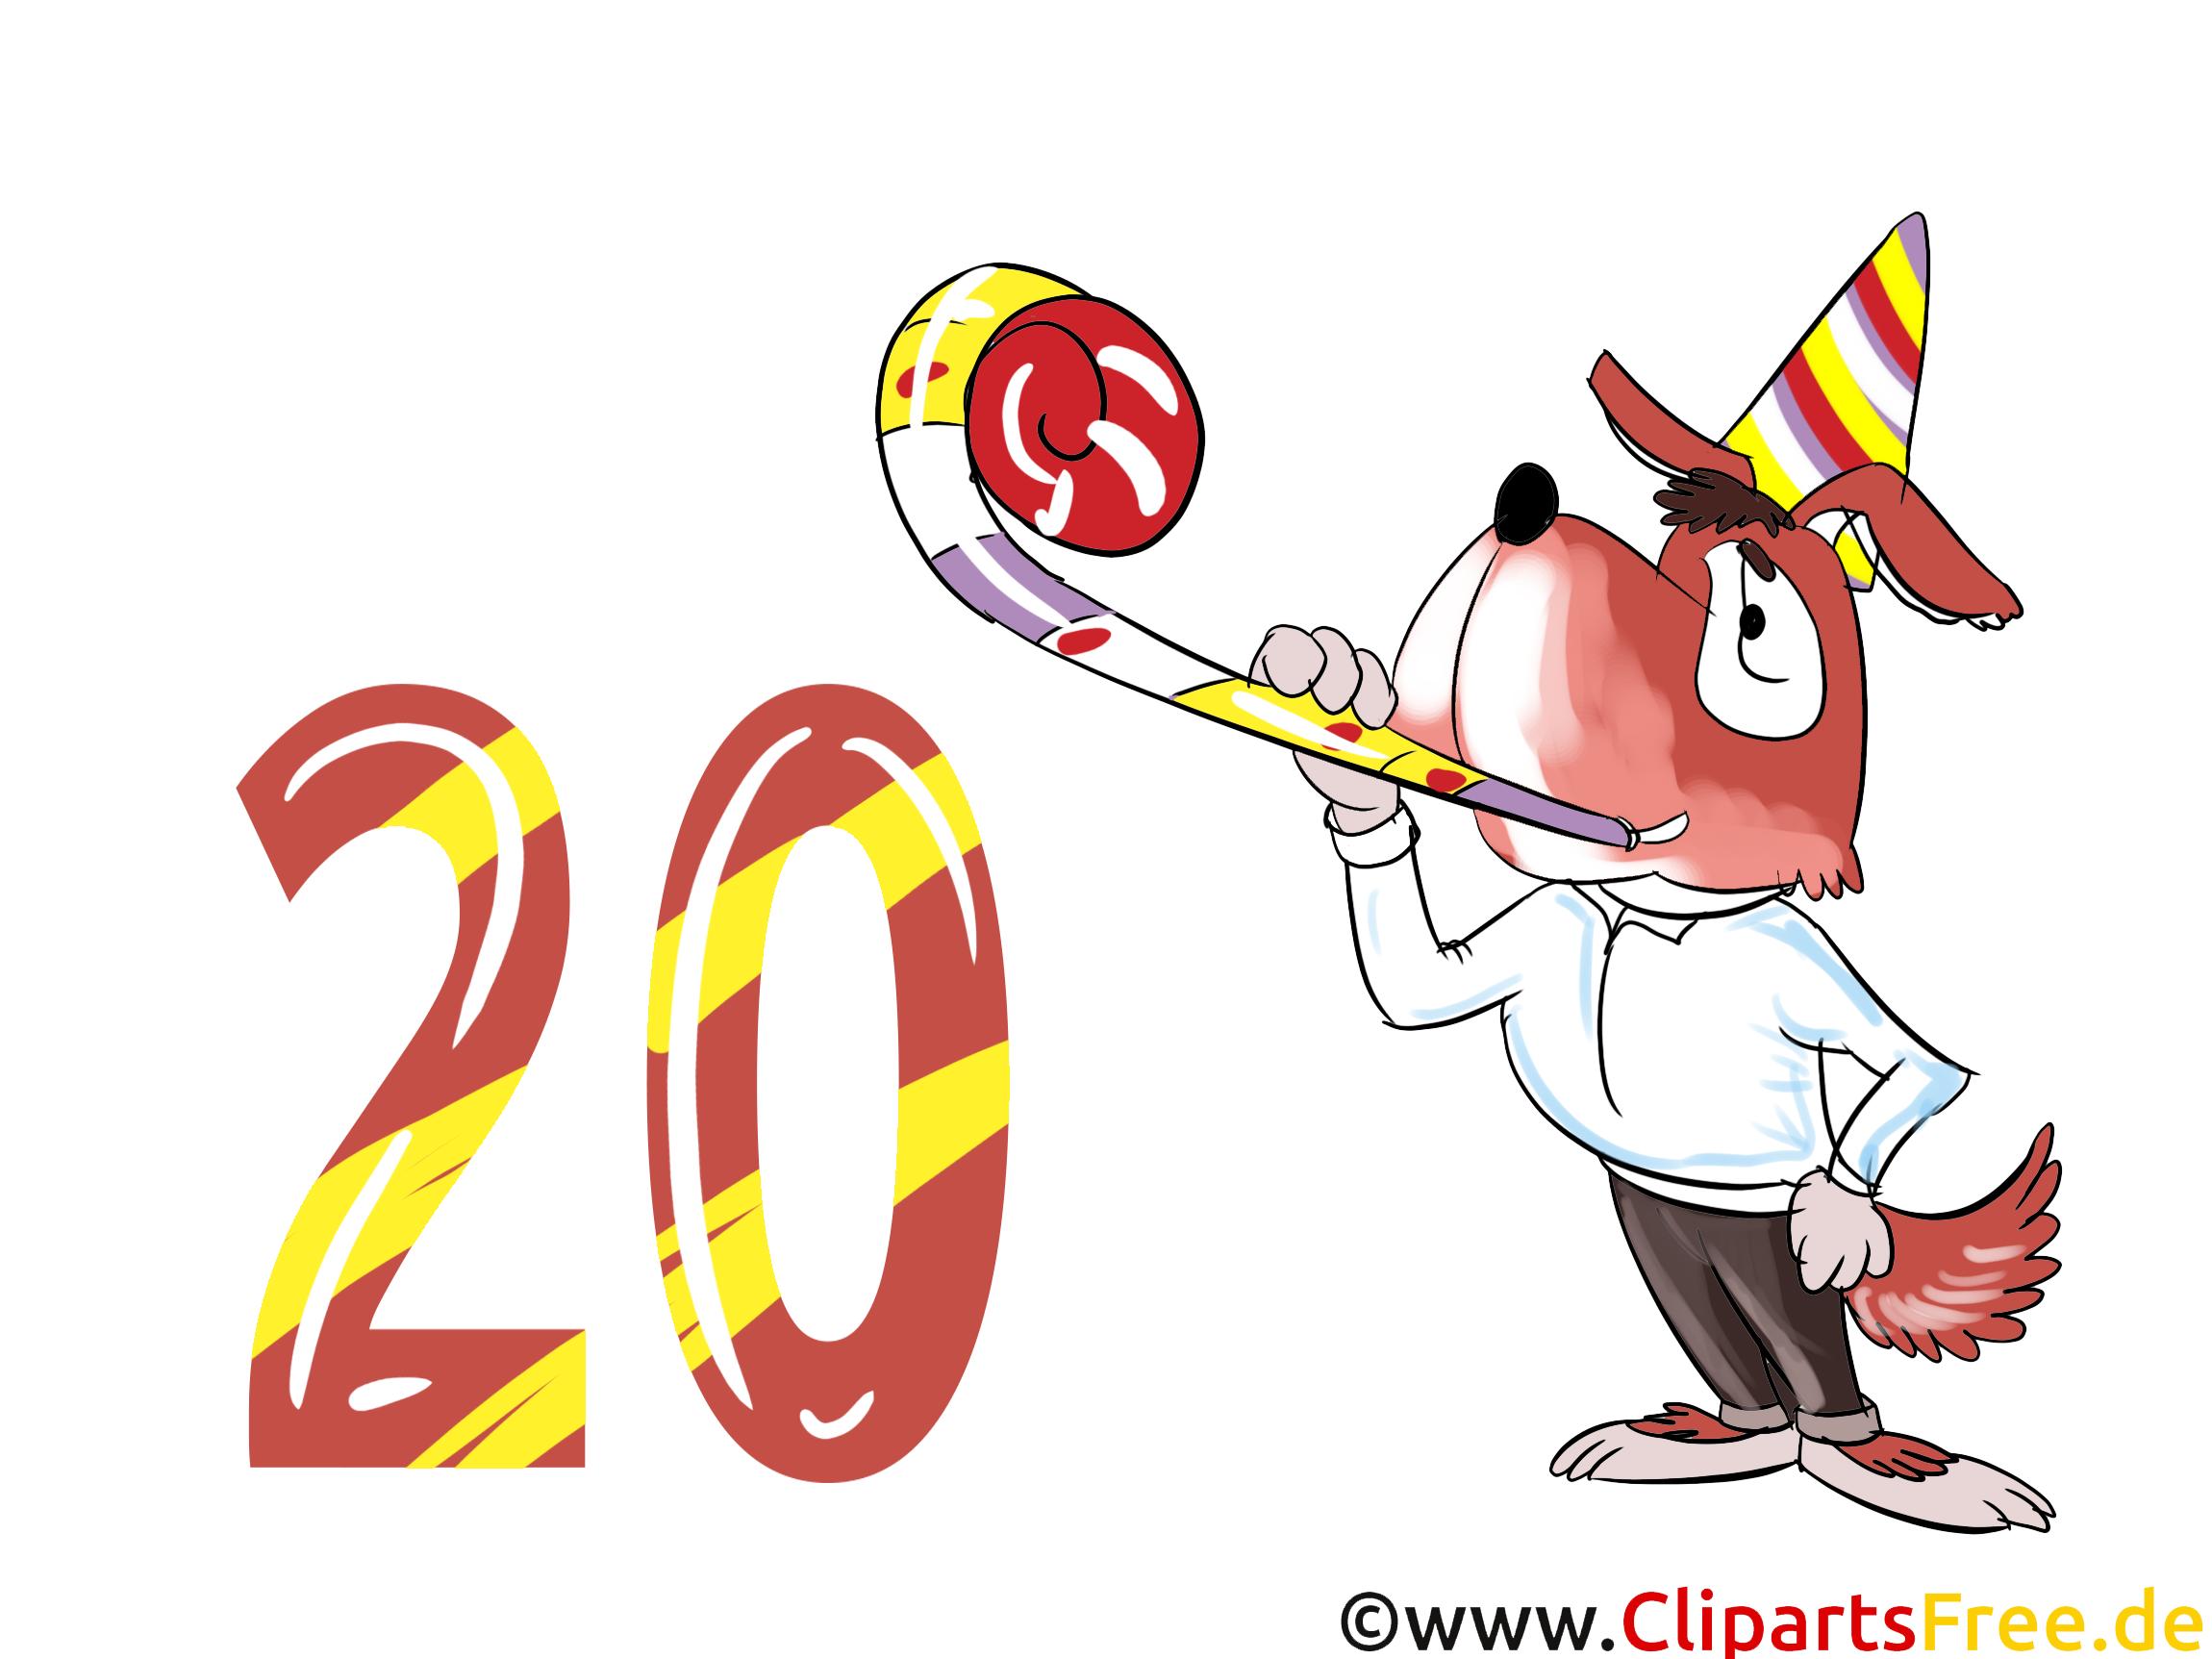 20 ans dessin anniversaire cliparts t l charger anniversaire dessin picture image - Clipart anniversaire gratuit telecharger ...